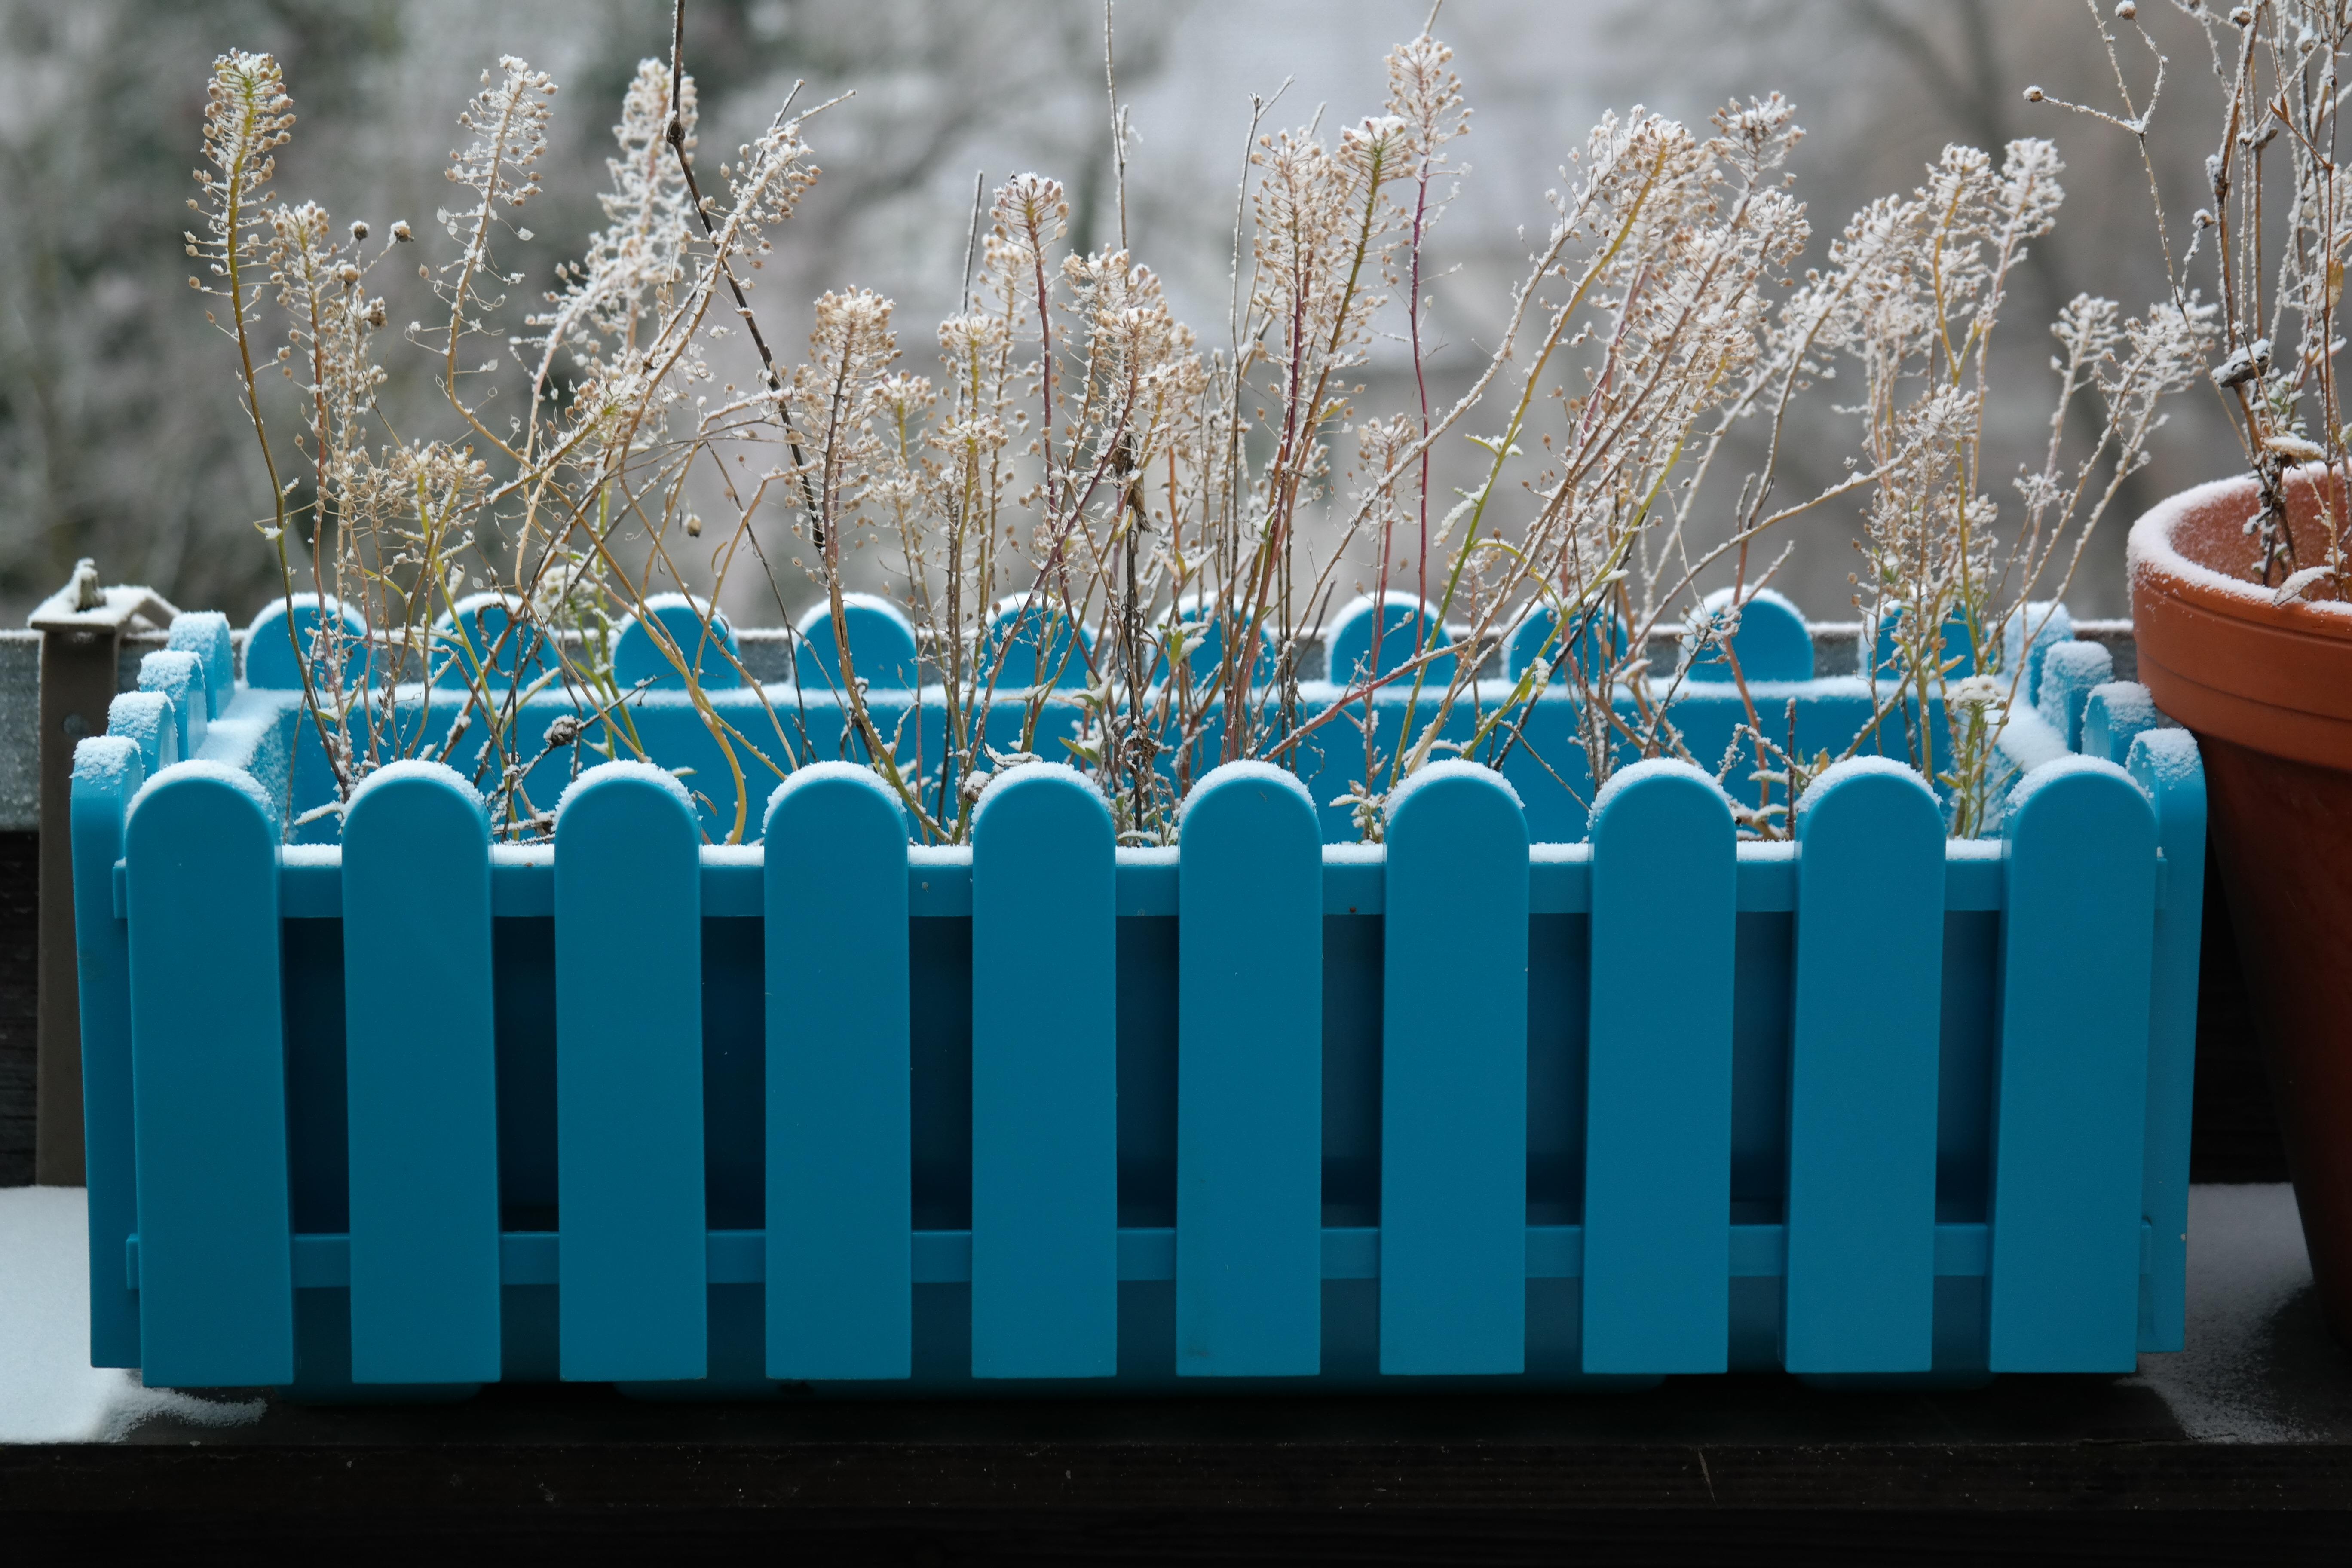 Fotos gratis : frío, invierno, escarcha, color, congelado, azul ...